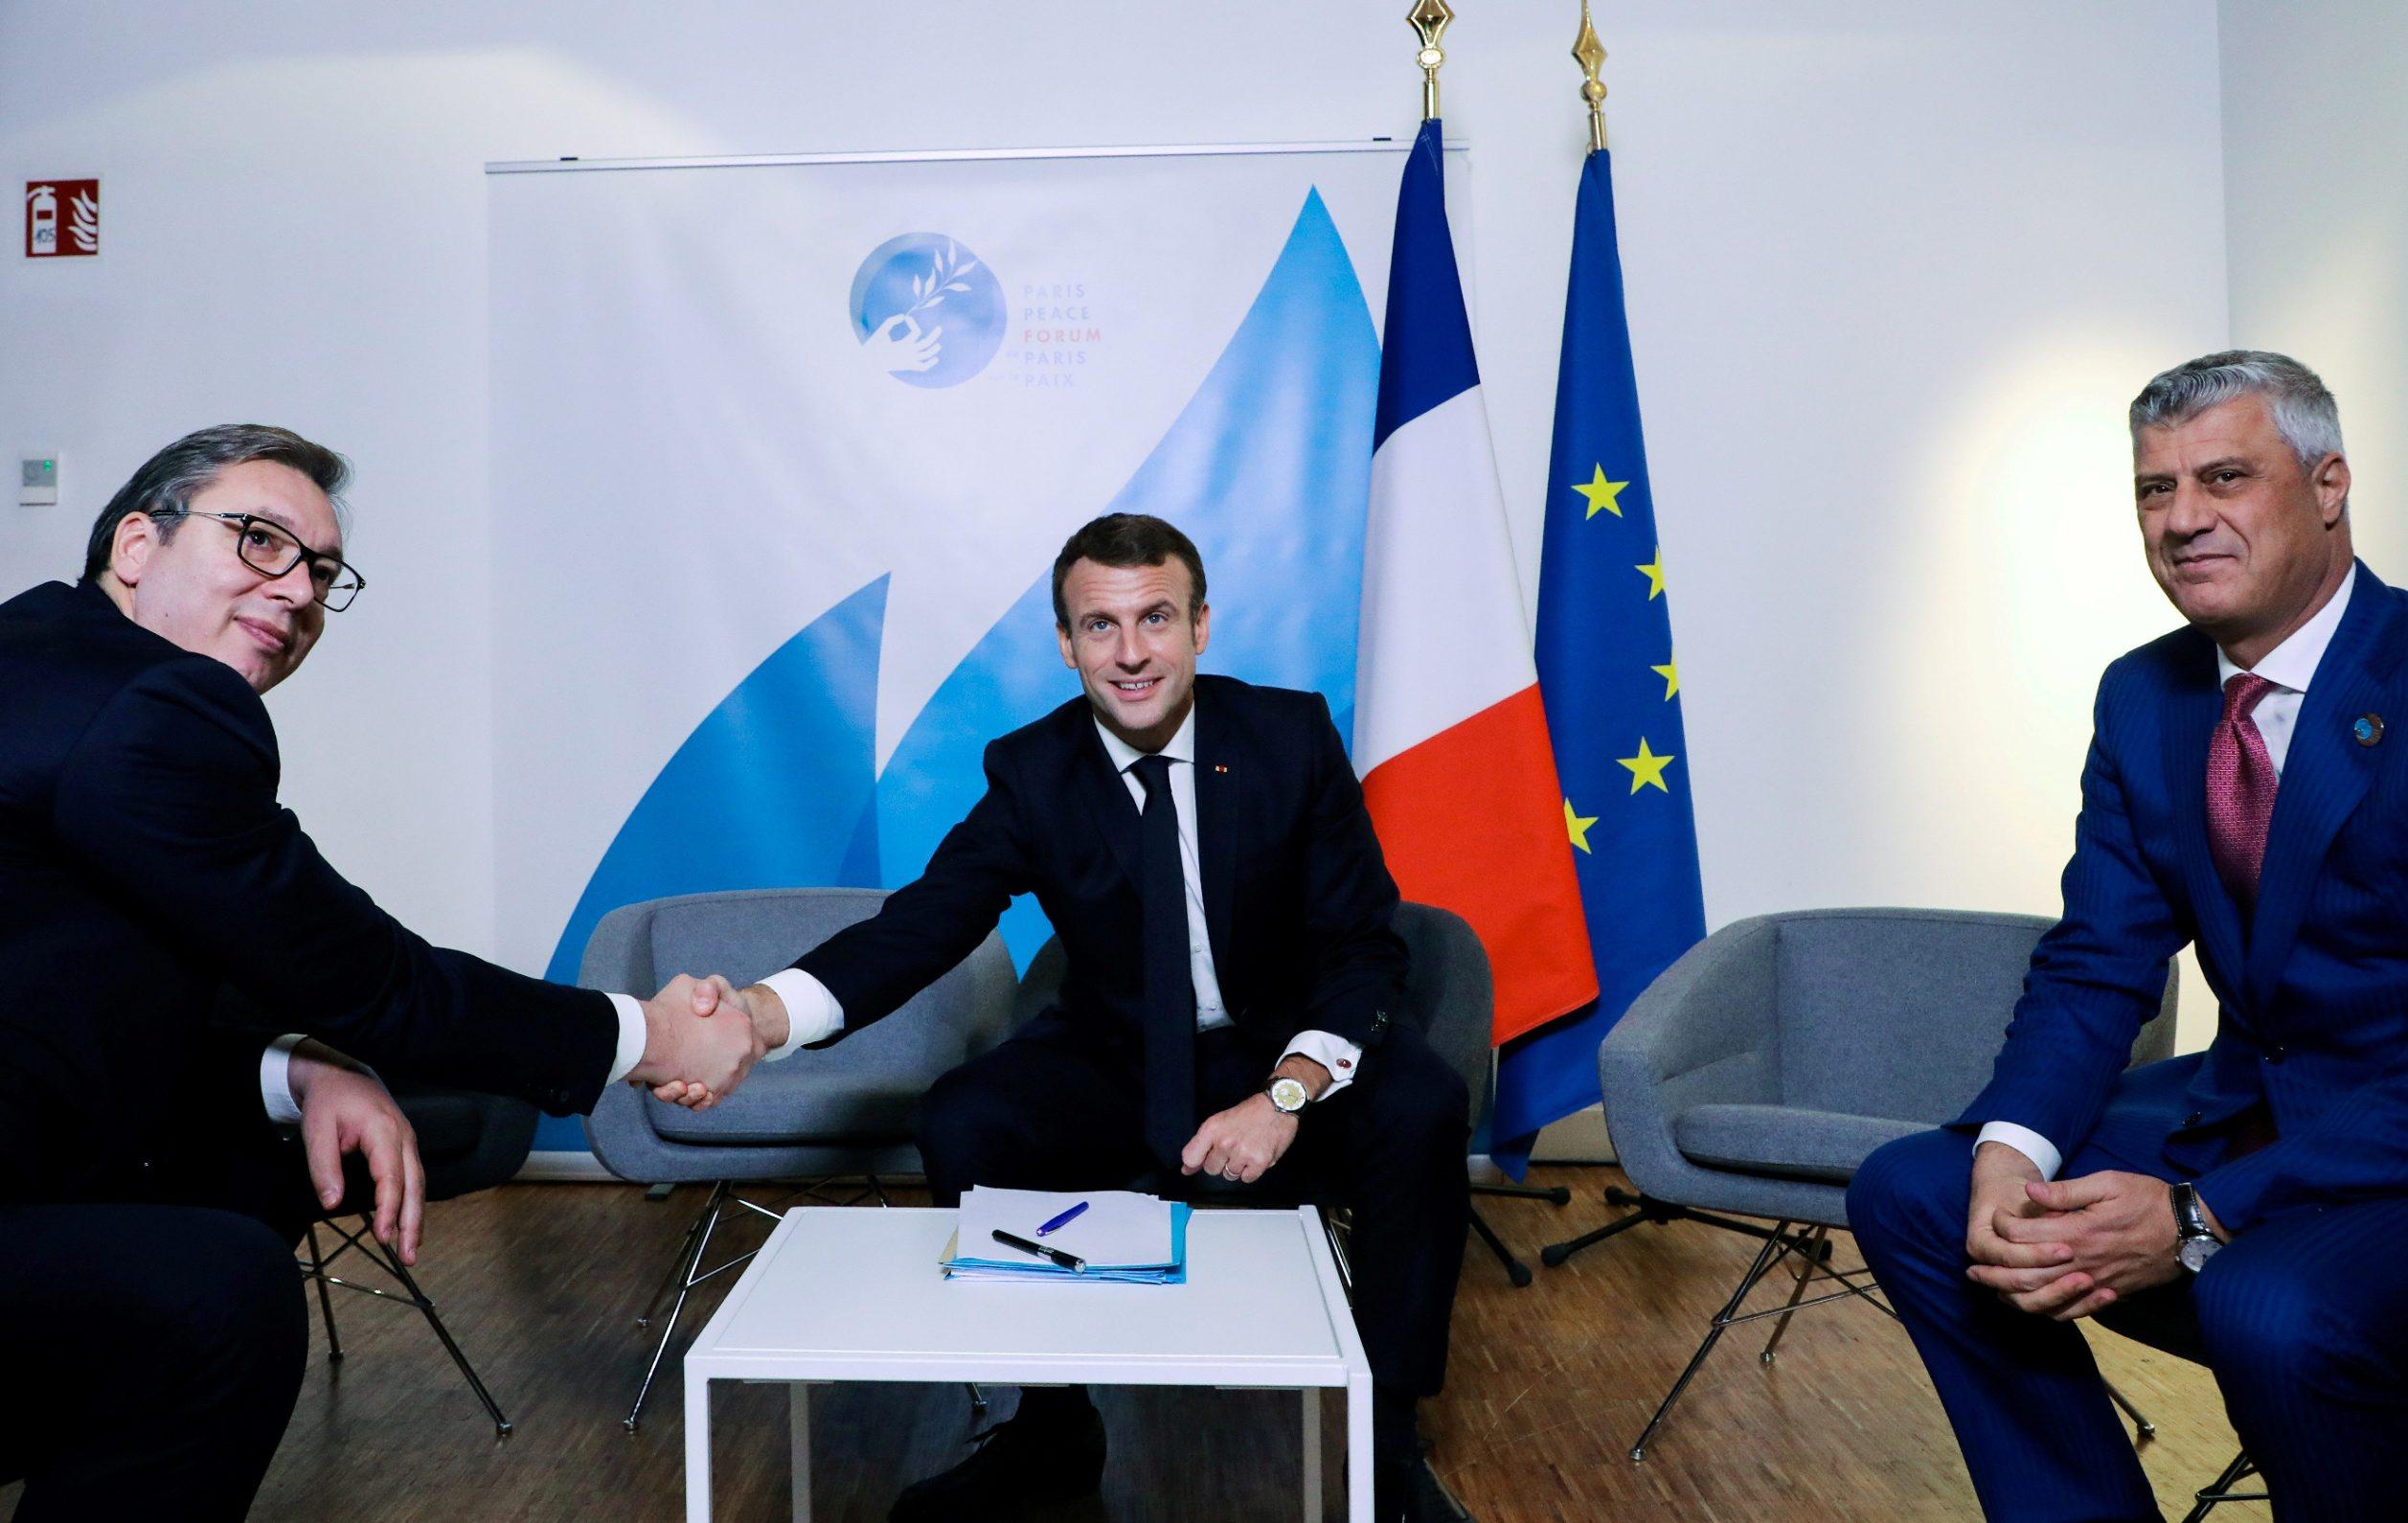 Prošlog je tjedna Emmanuel Macron primio predsjednike Srbije, Aleksandra Vučića i Kosova, Hashima Thacija